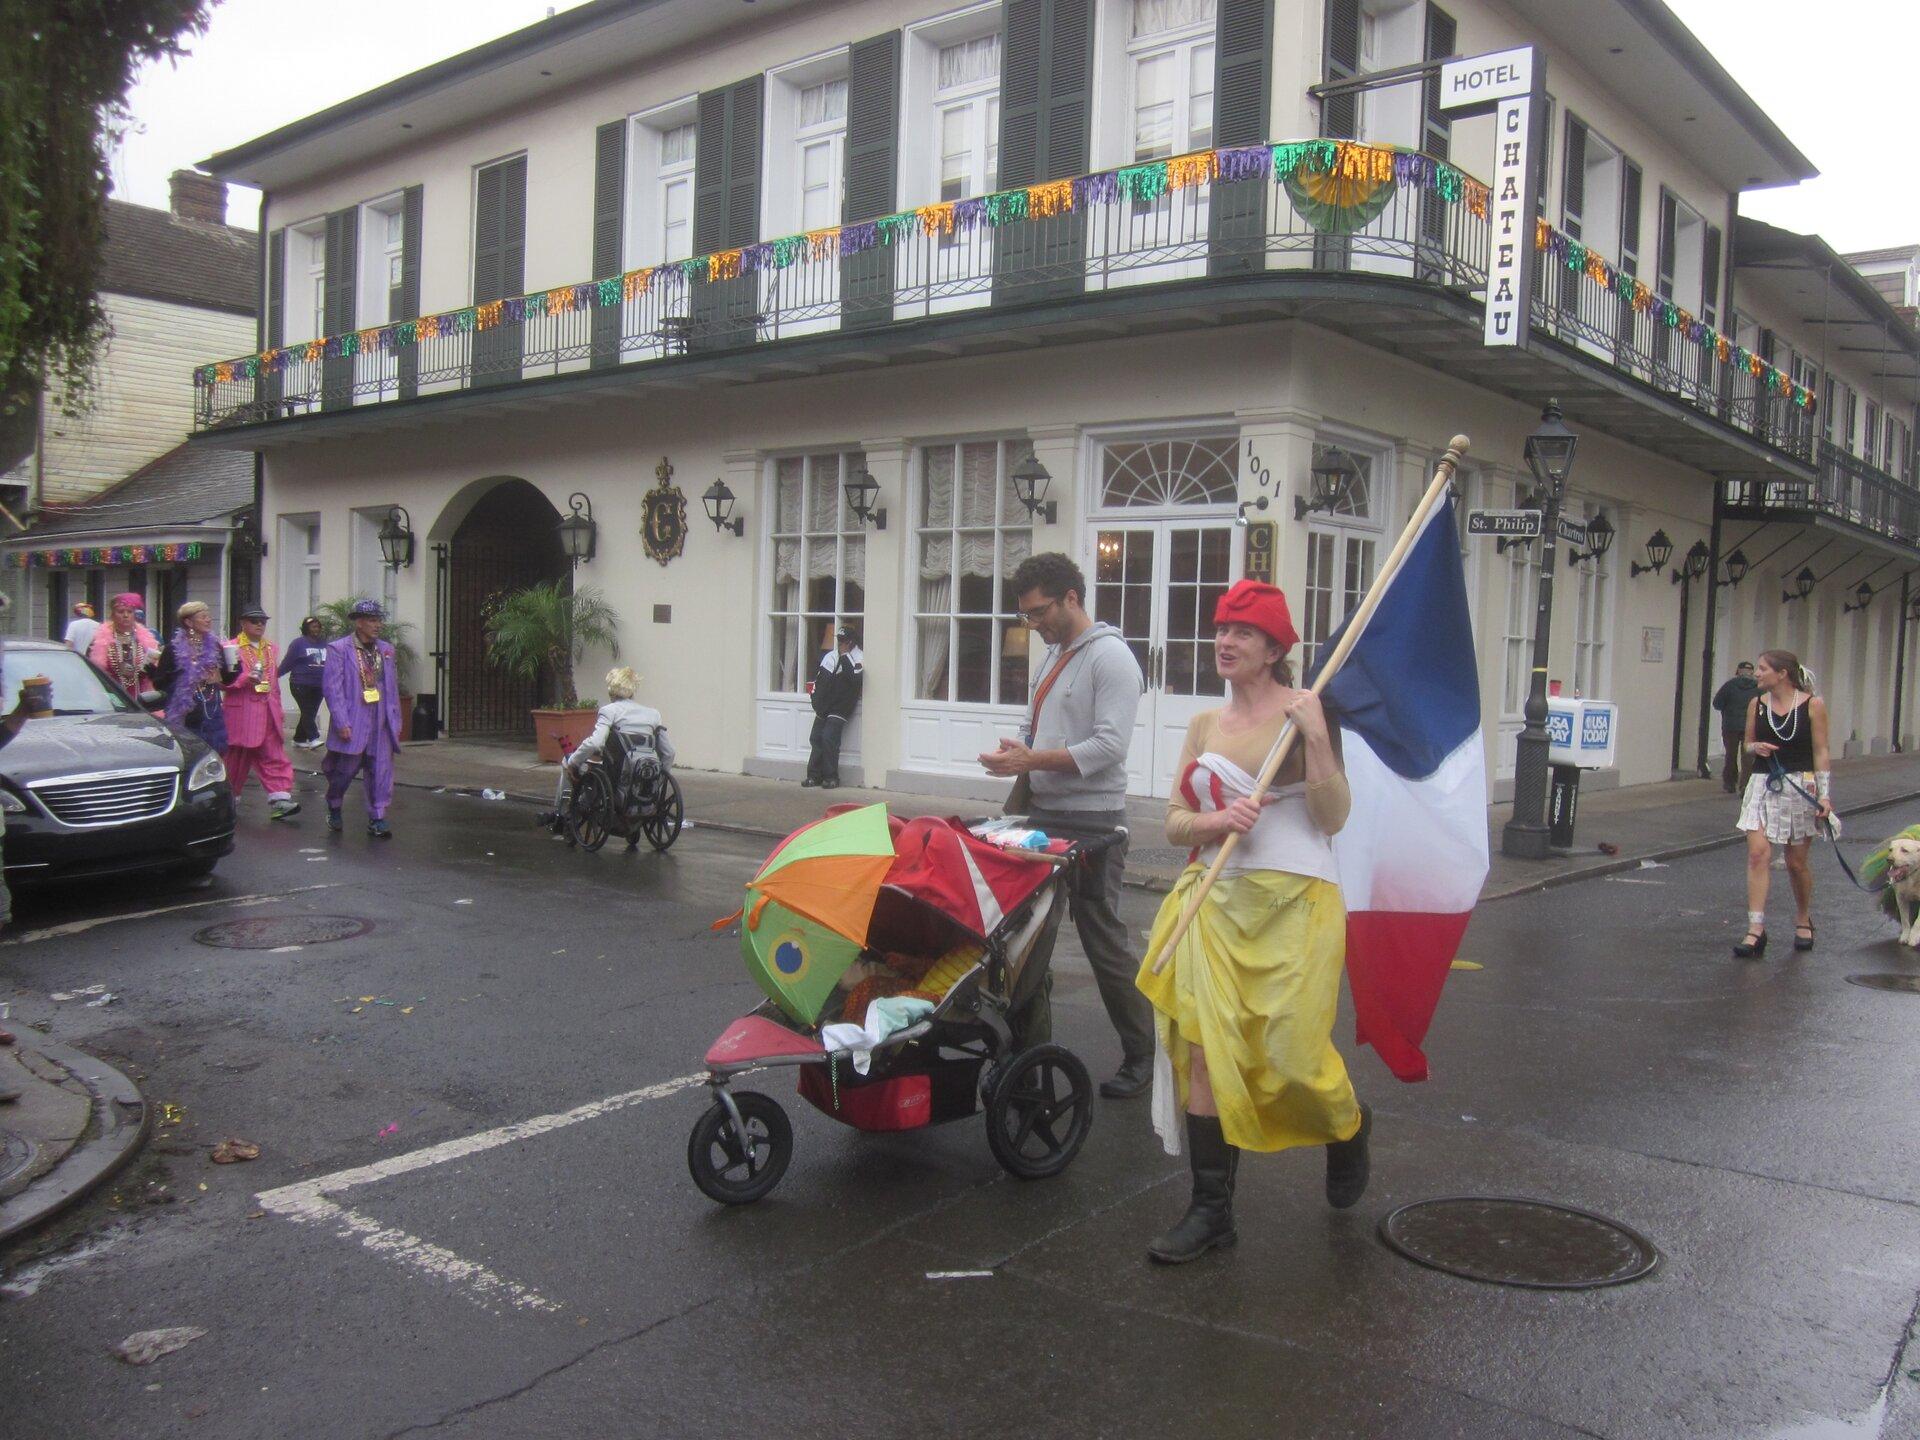 Zdjęcie współczesne, wcentrum mężczyzna zwózkiem dziecięcym iidąca obok niego kobieta wstroju marsylianki zfrancuską flaga, wtle budynek.